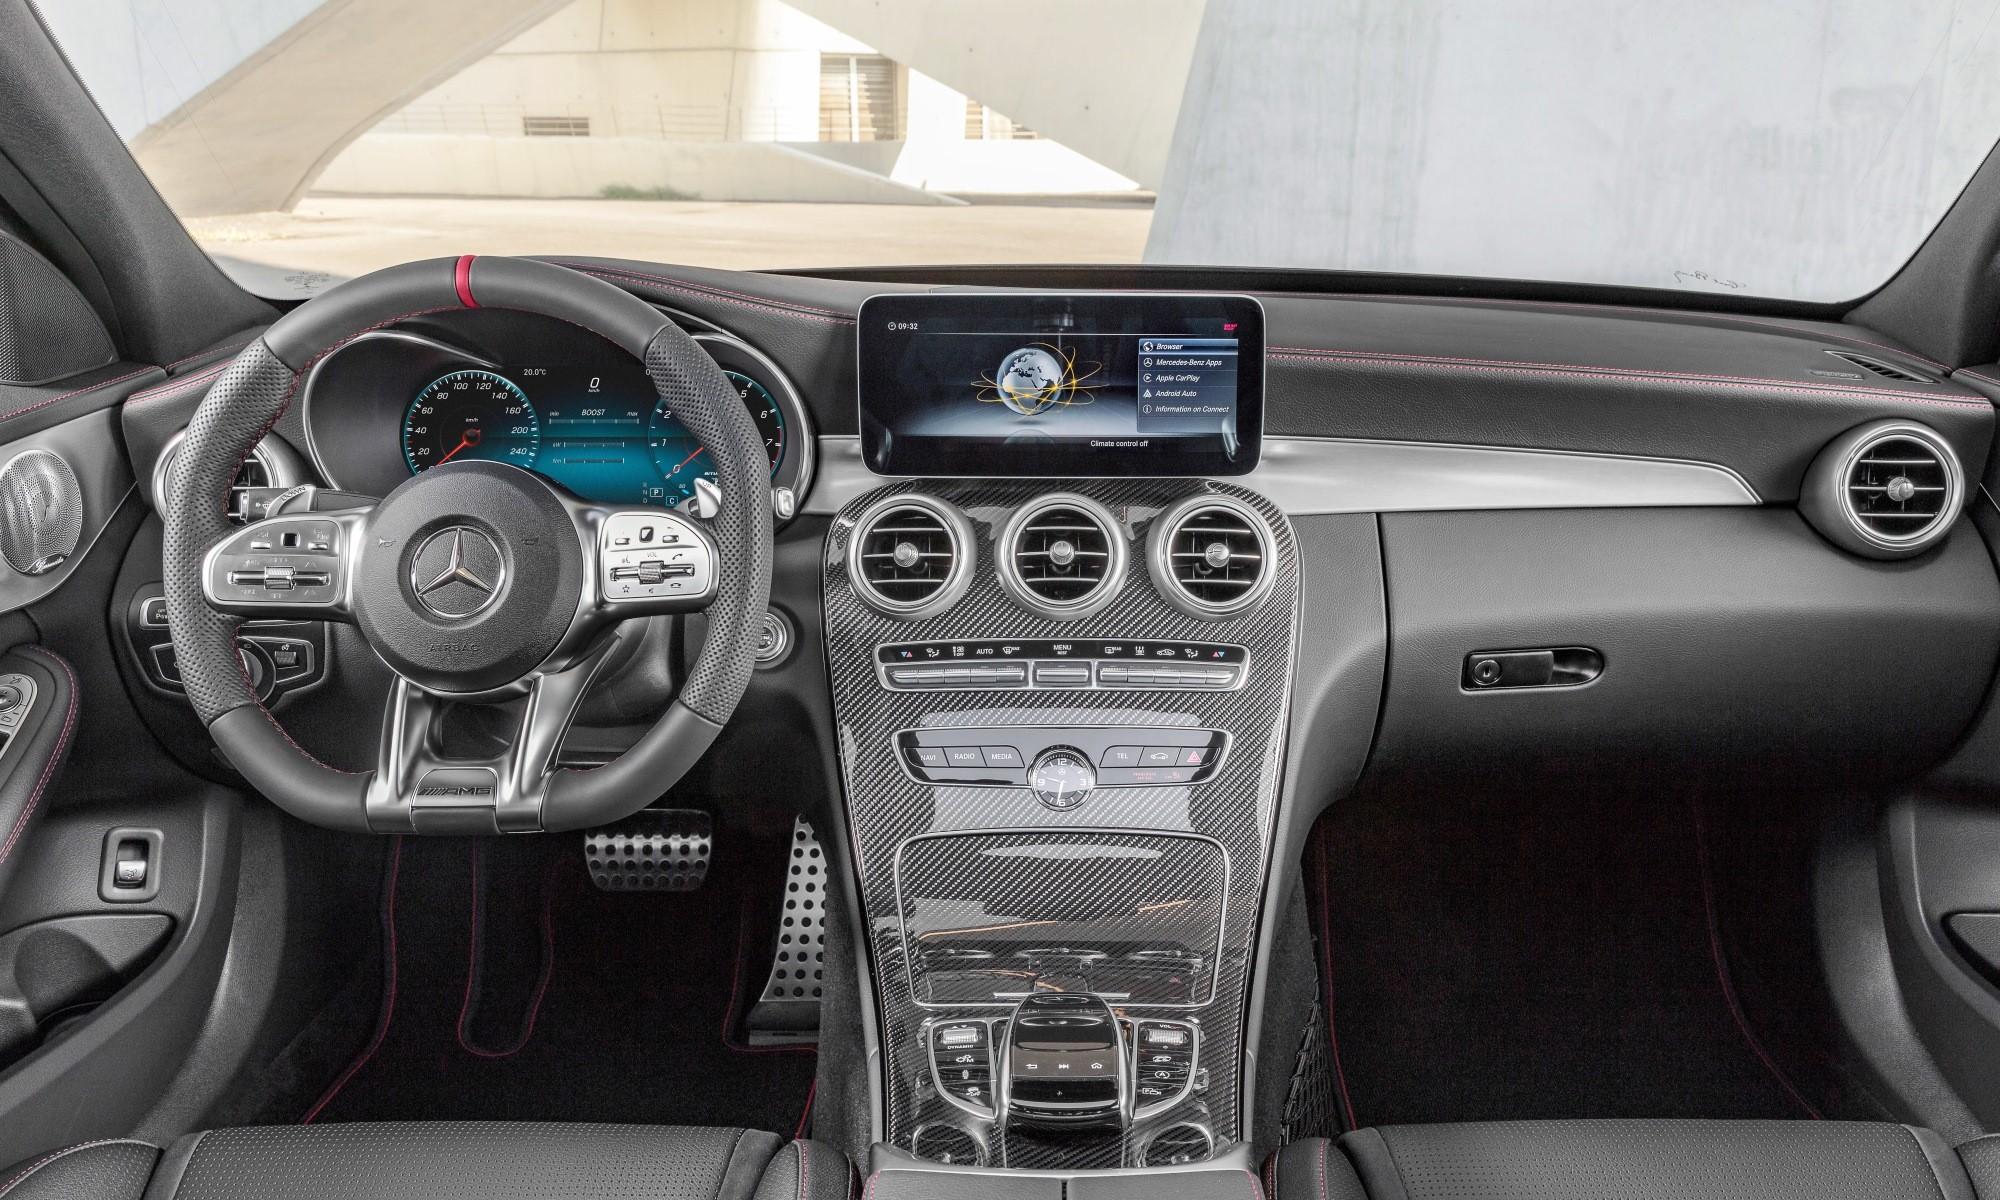 Mercedes-AMG C43 interior